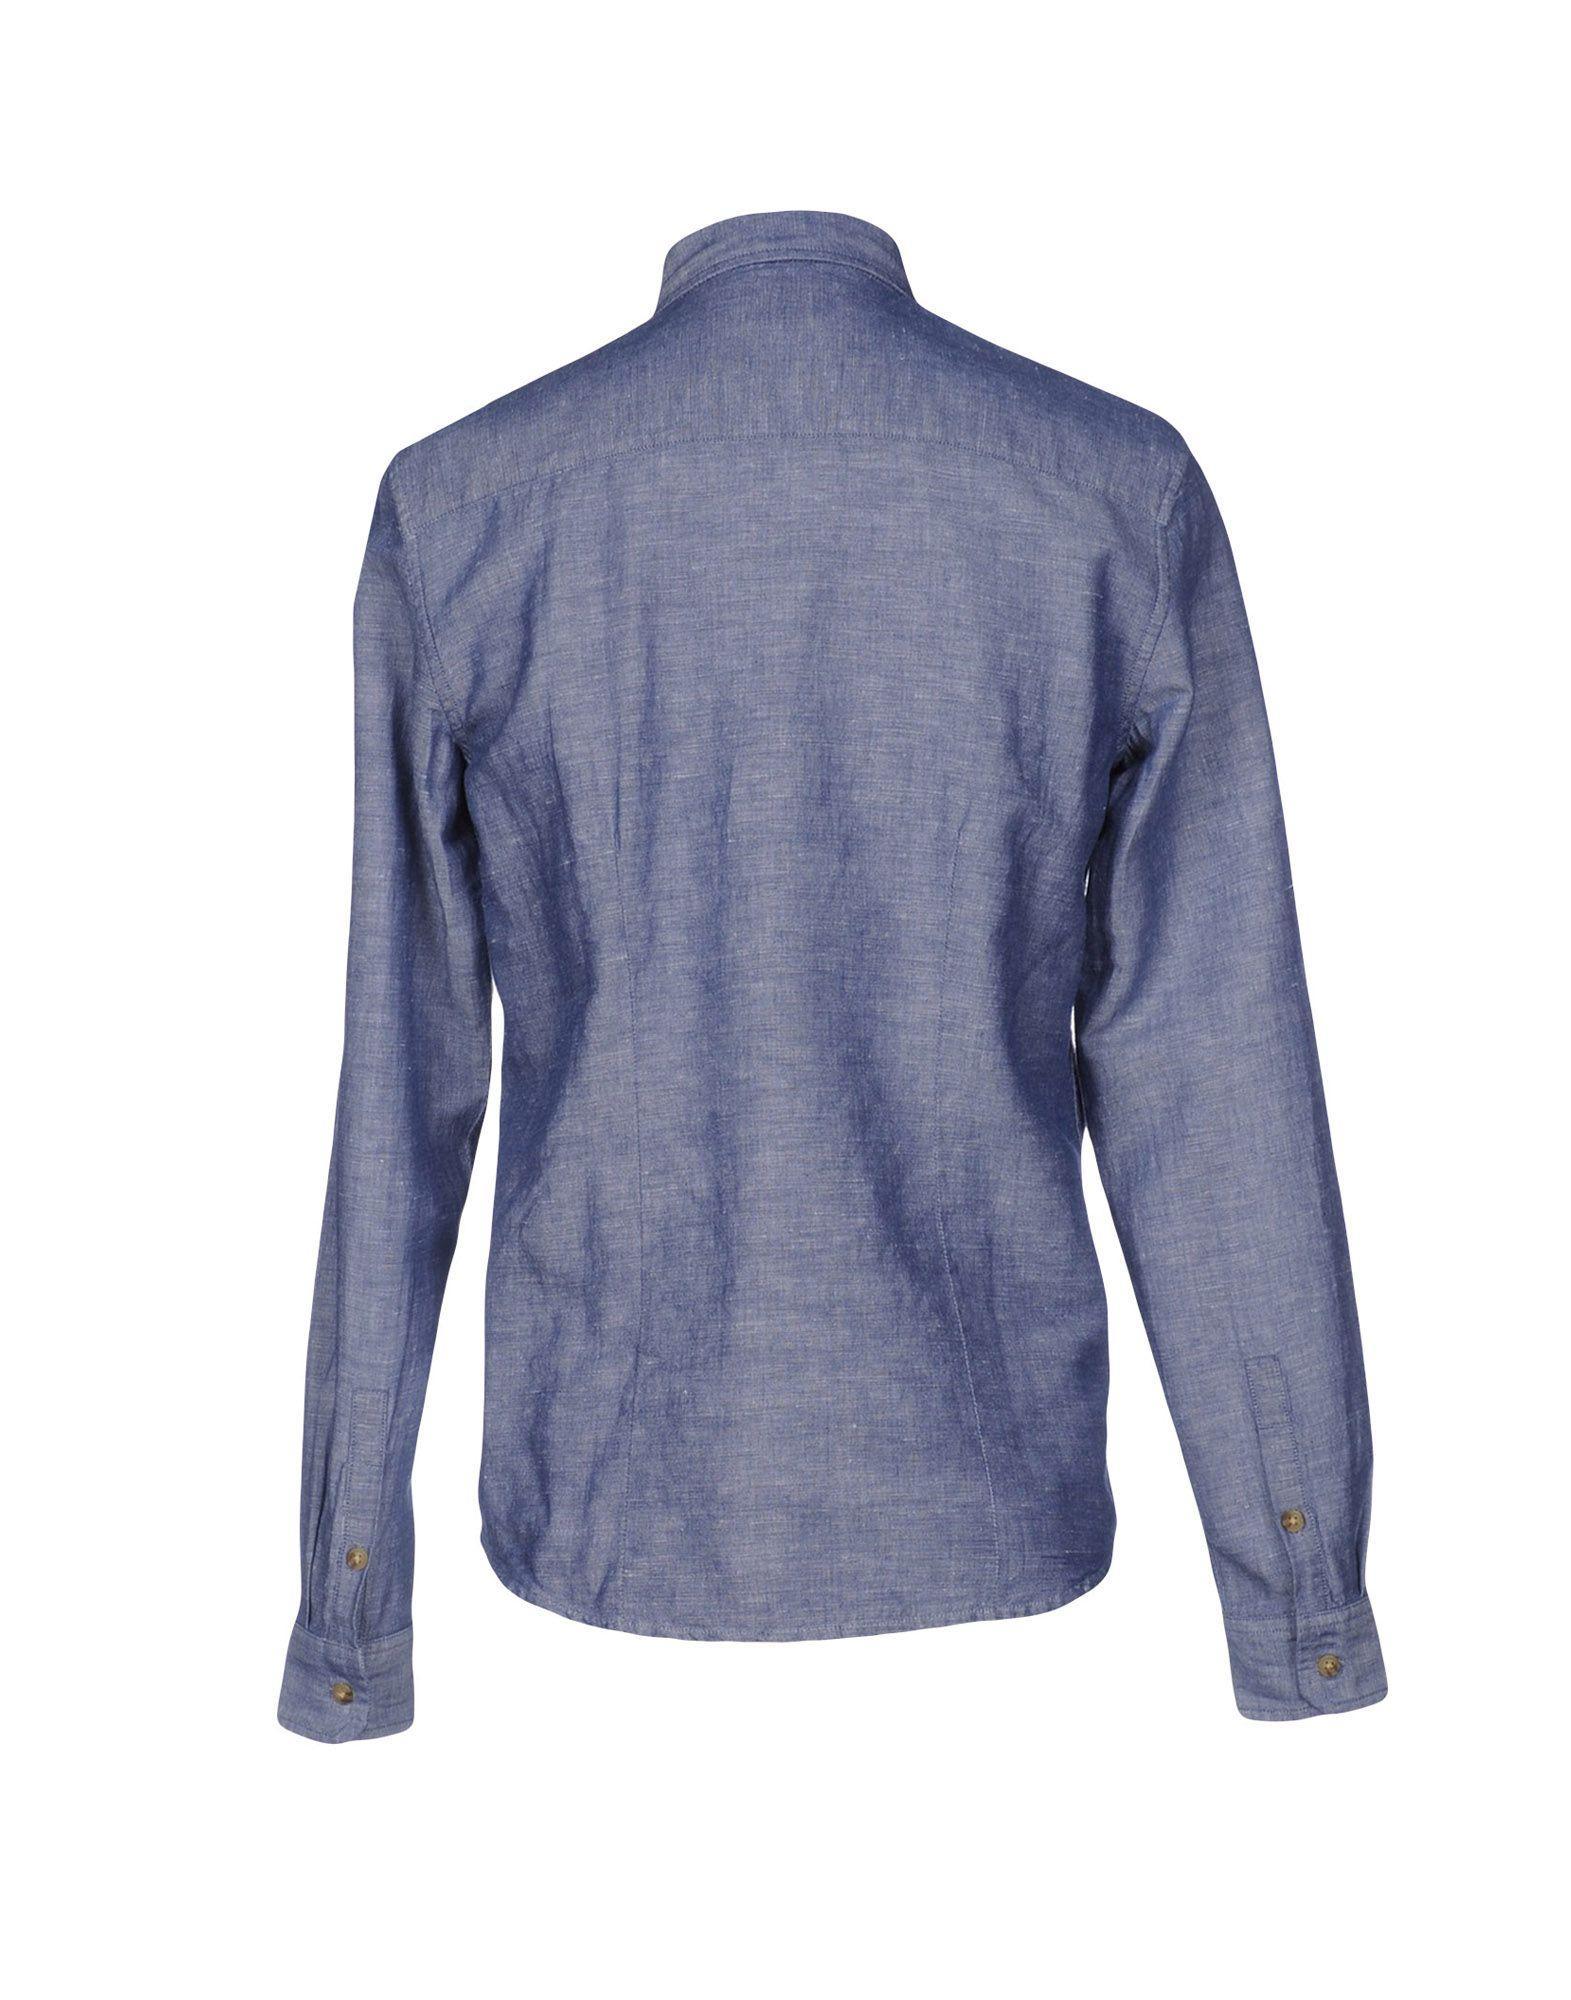 Lyst wrangler shirt in blue for men for Wrangler denim shirts uk